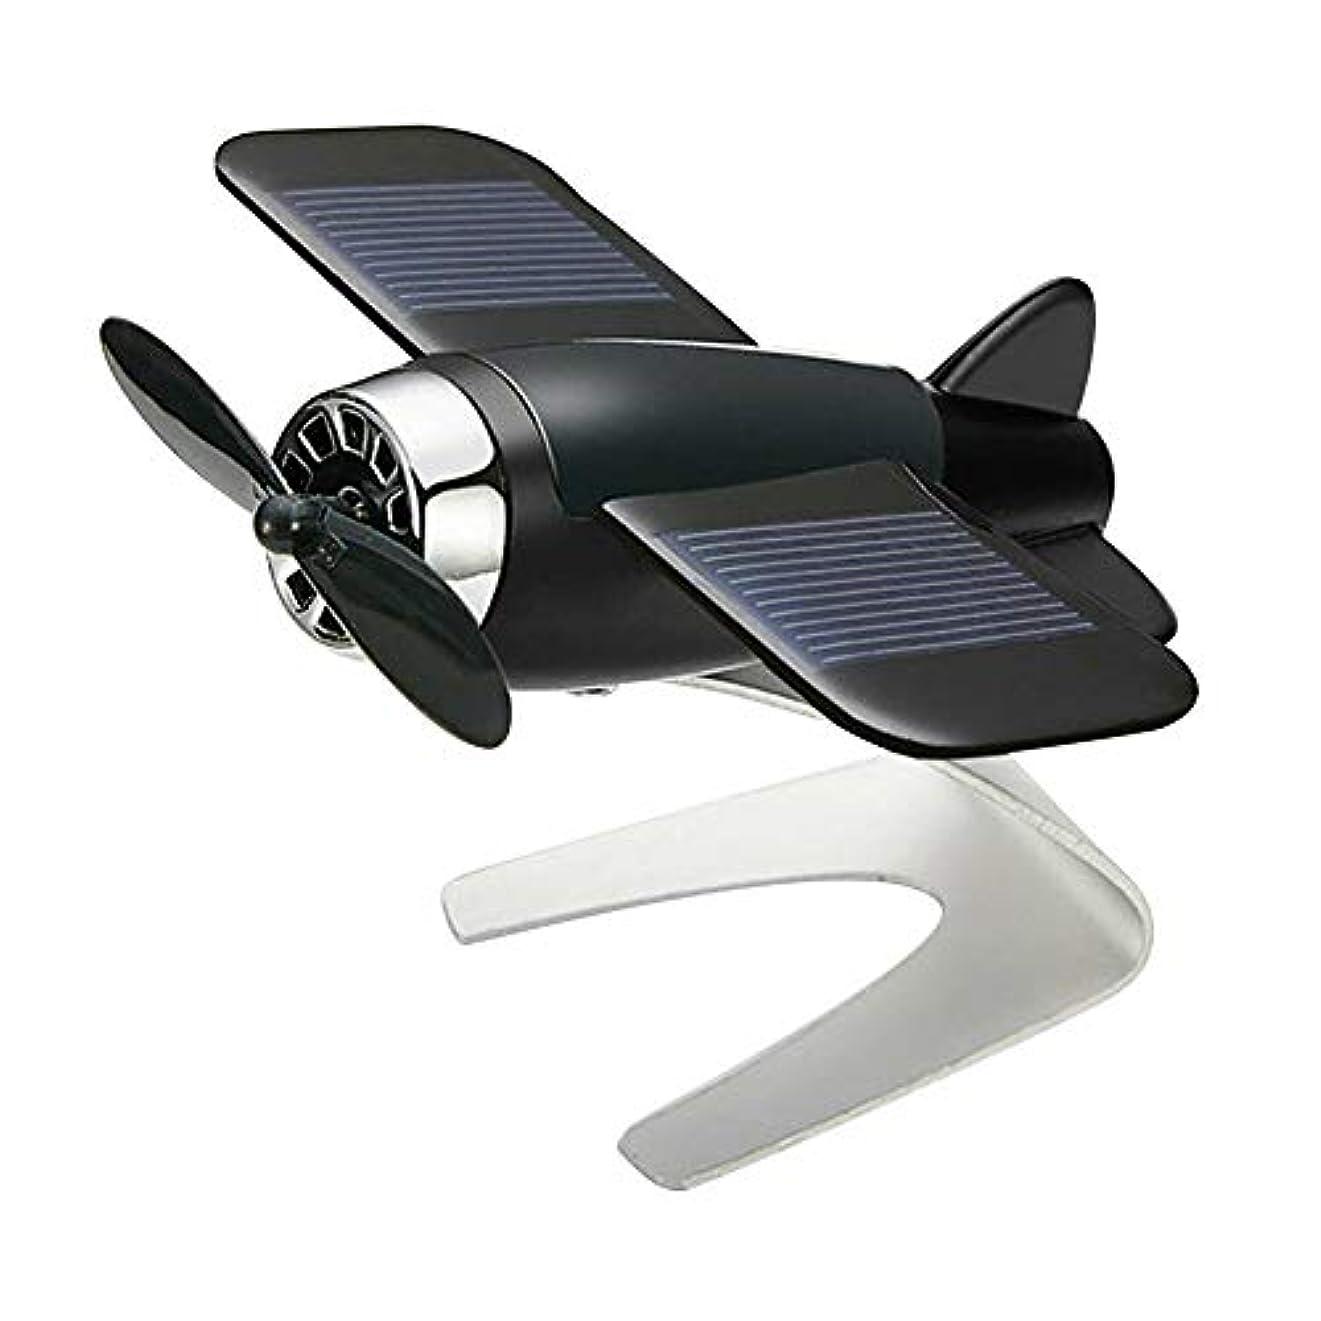 対象有能なアピールSymboat 車の芳香剤飛行機航空機モデル太陽エネルギーアロマテラピー室内装飾